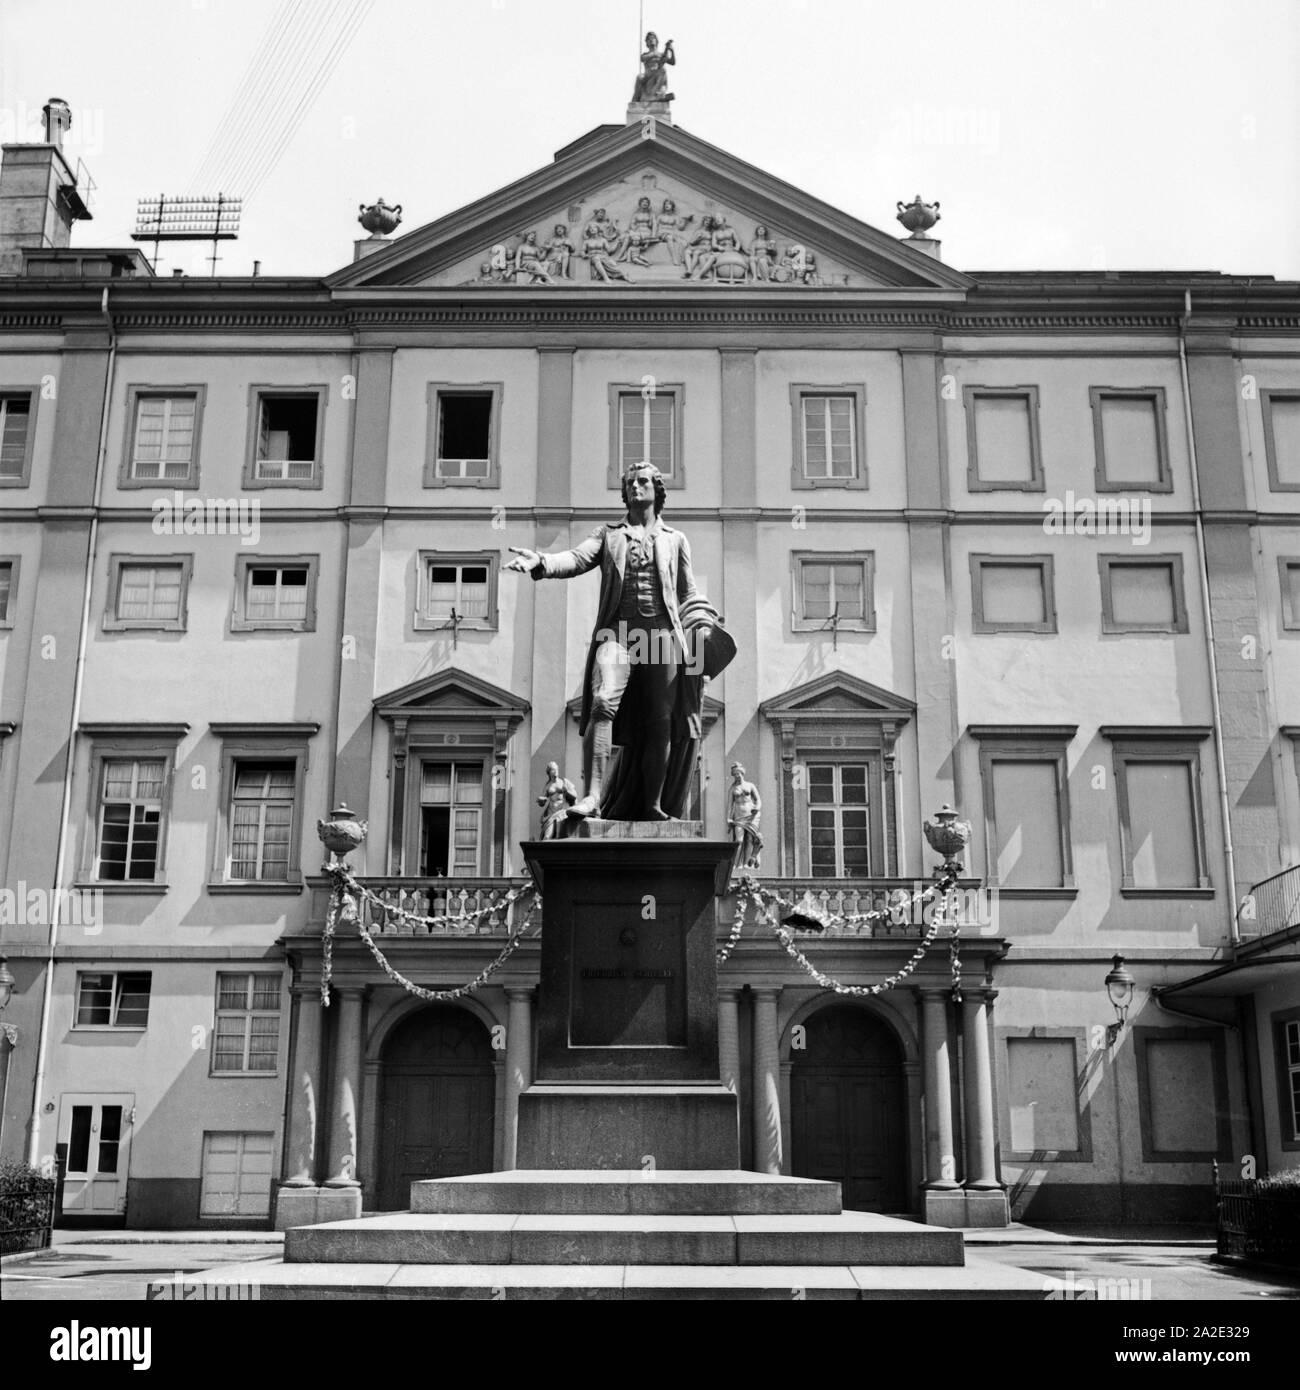 Schillerdenkmal vor dem Theater in Mannheim, Deutschland 1930er Jahre. Schiller monument in front of the Mannheim theatre, Germany 1930s. Stock Photo